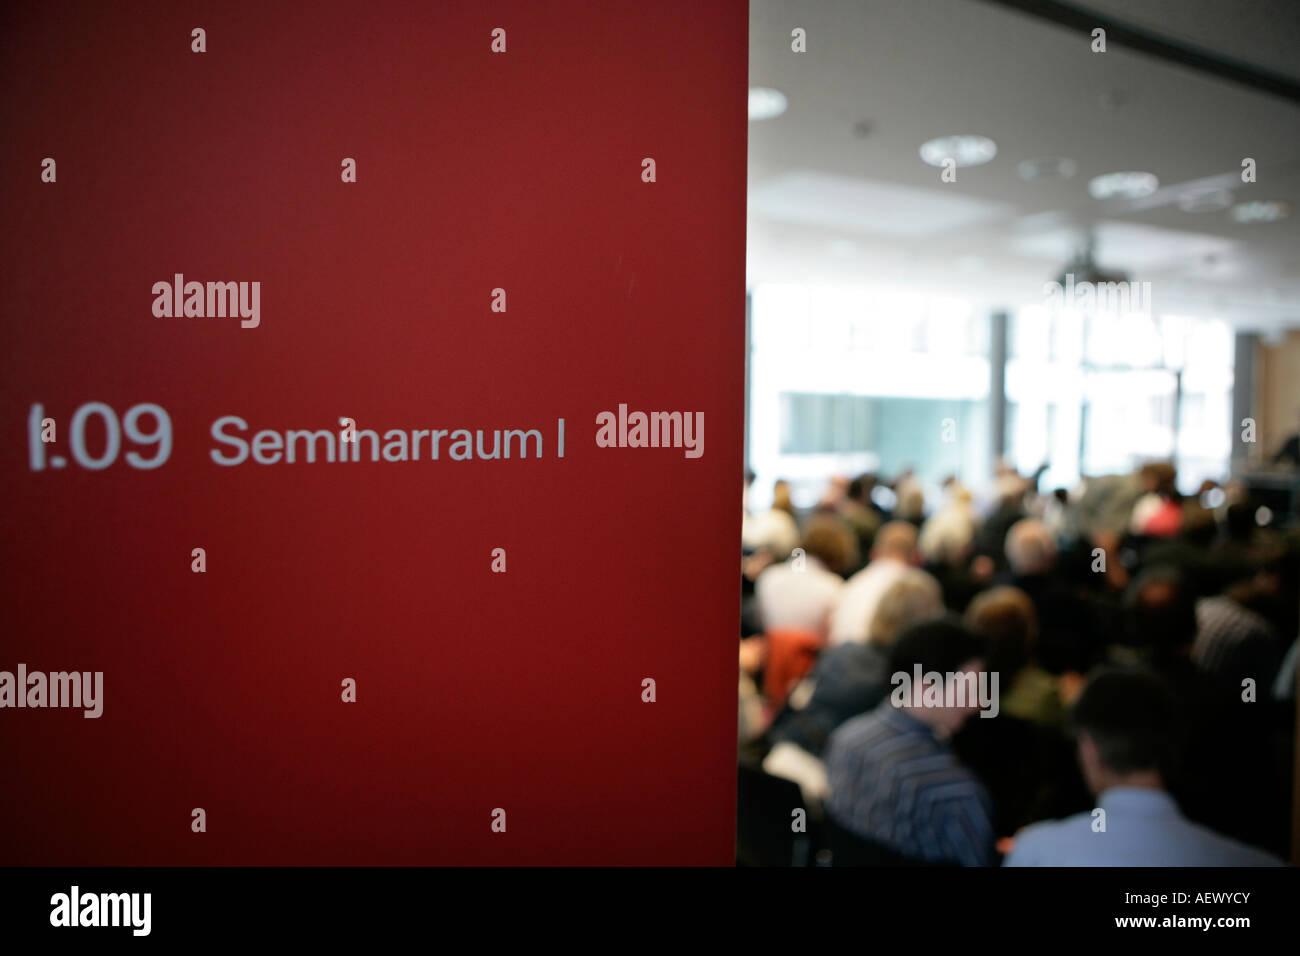 Seminary room - Stock Image